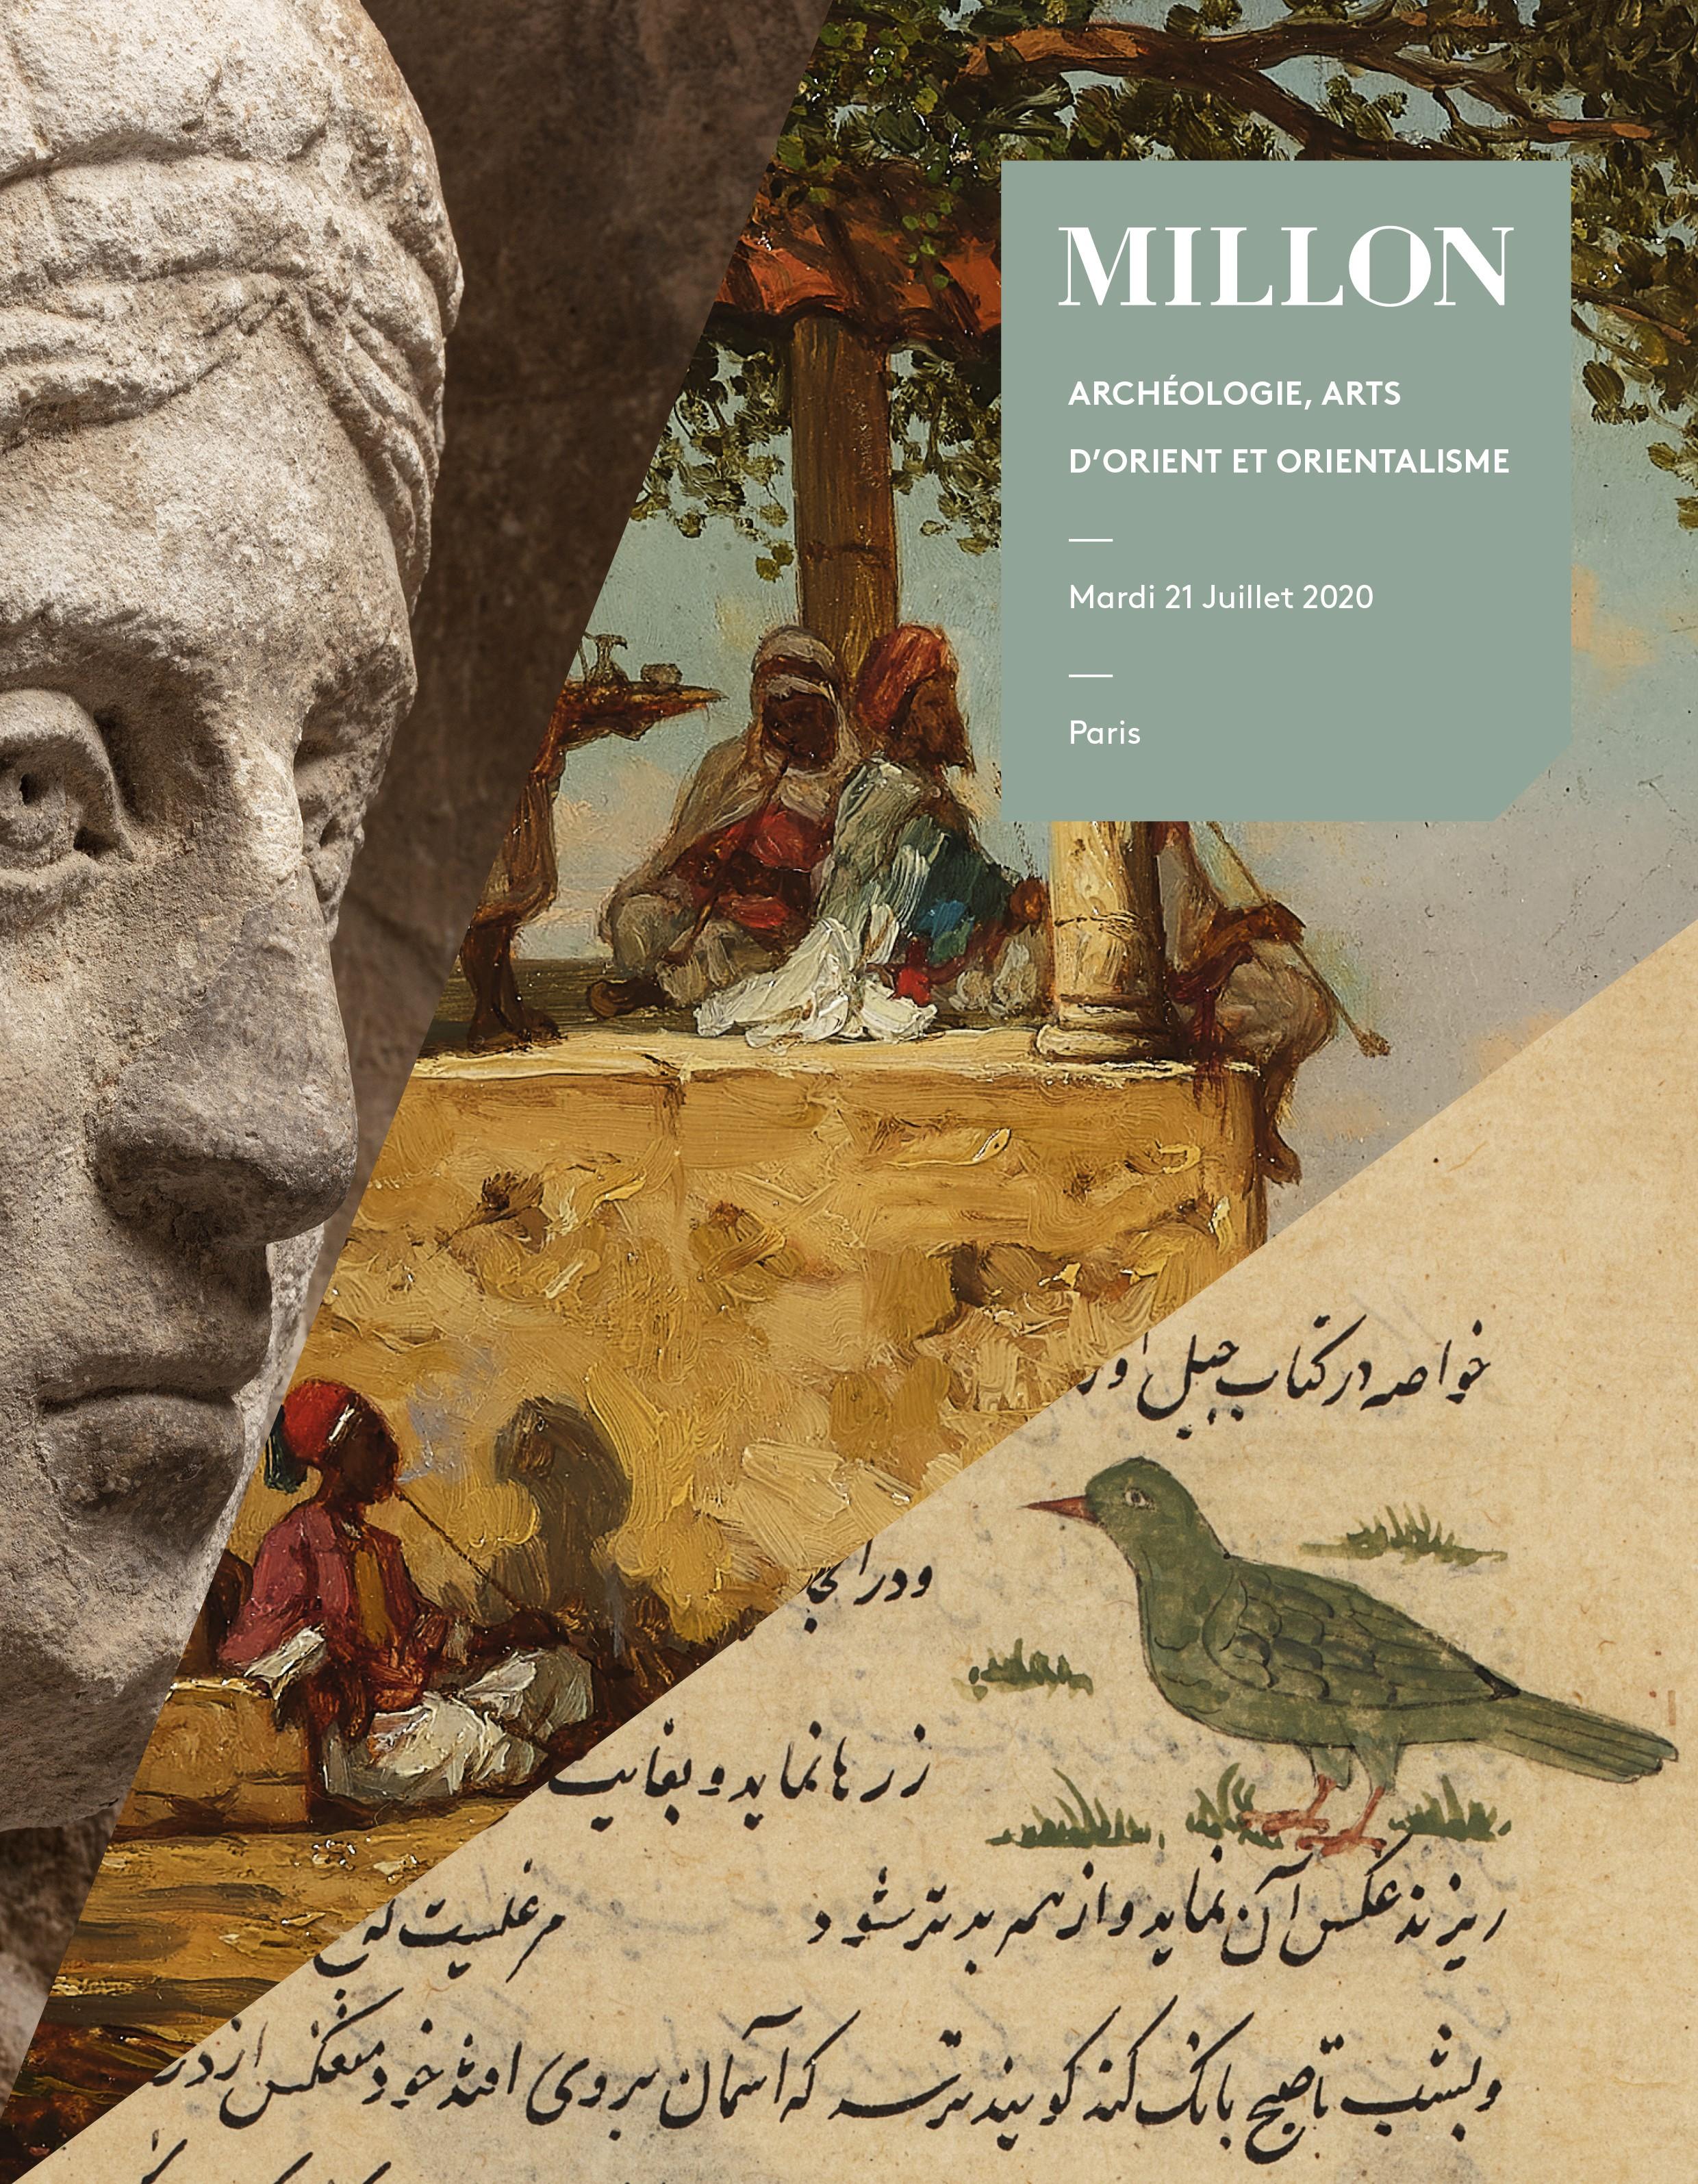 Vente Art de l'islam, Art ancien, Peintures orientalistes et peintures du 19-20e siècle chez Millon et Associés Paris : 493 lots